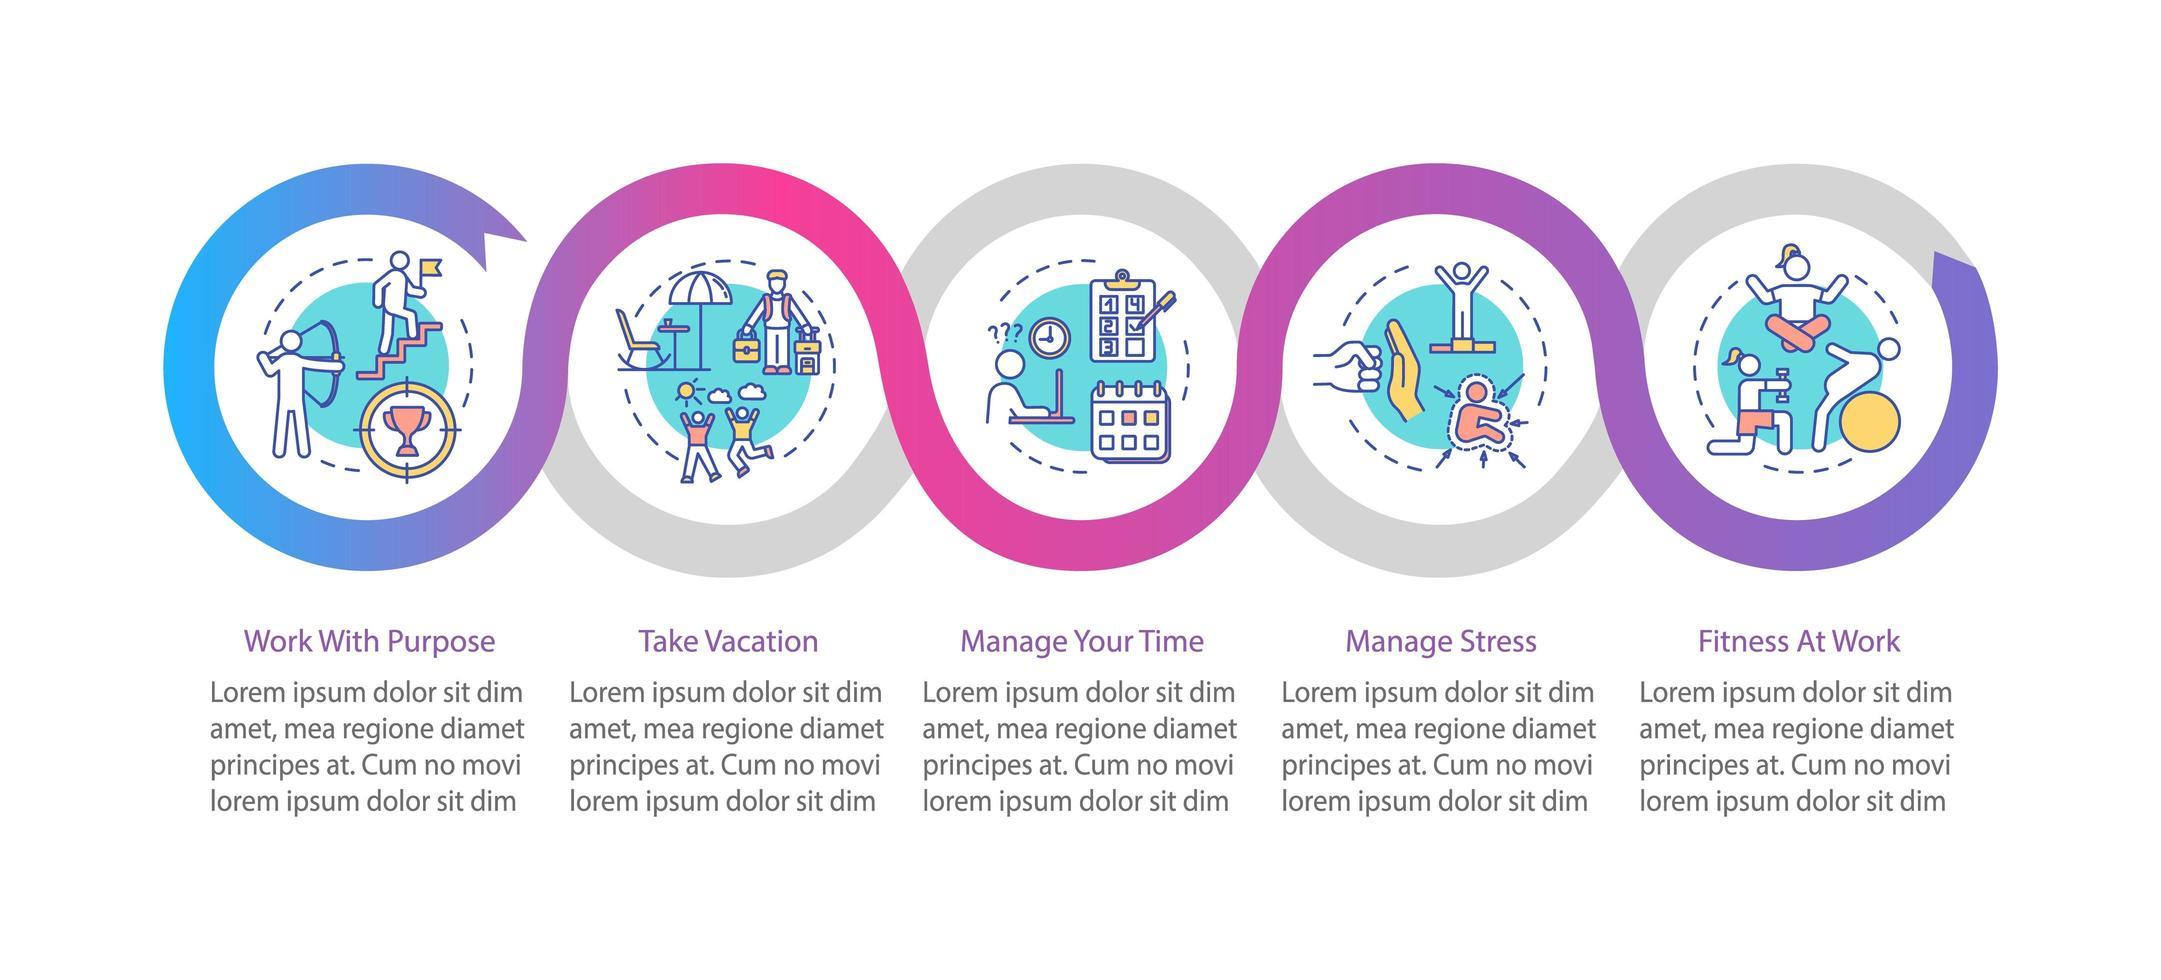 Plantilla de infografía de vector de prevención de desgaste profesional. Elementos de diseño de presentación de gestión del tiempo.